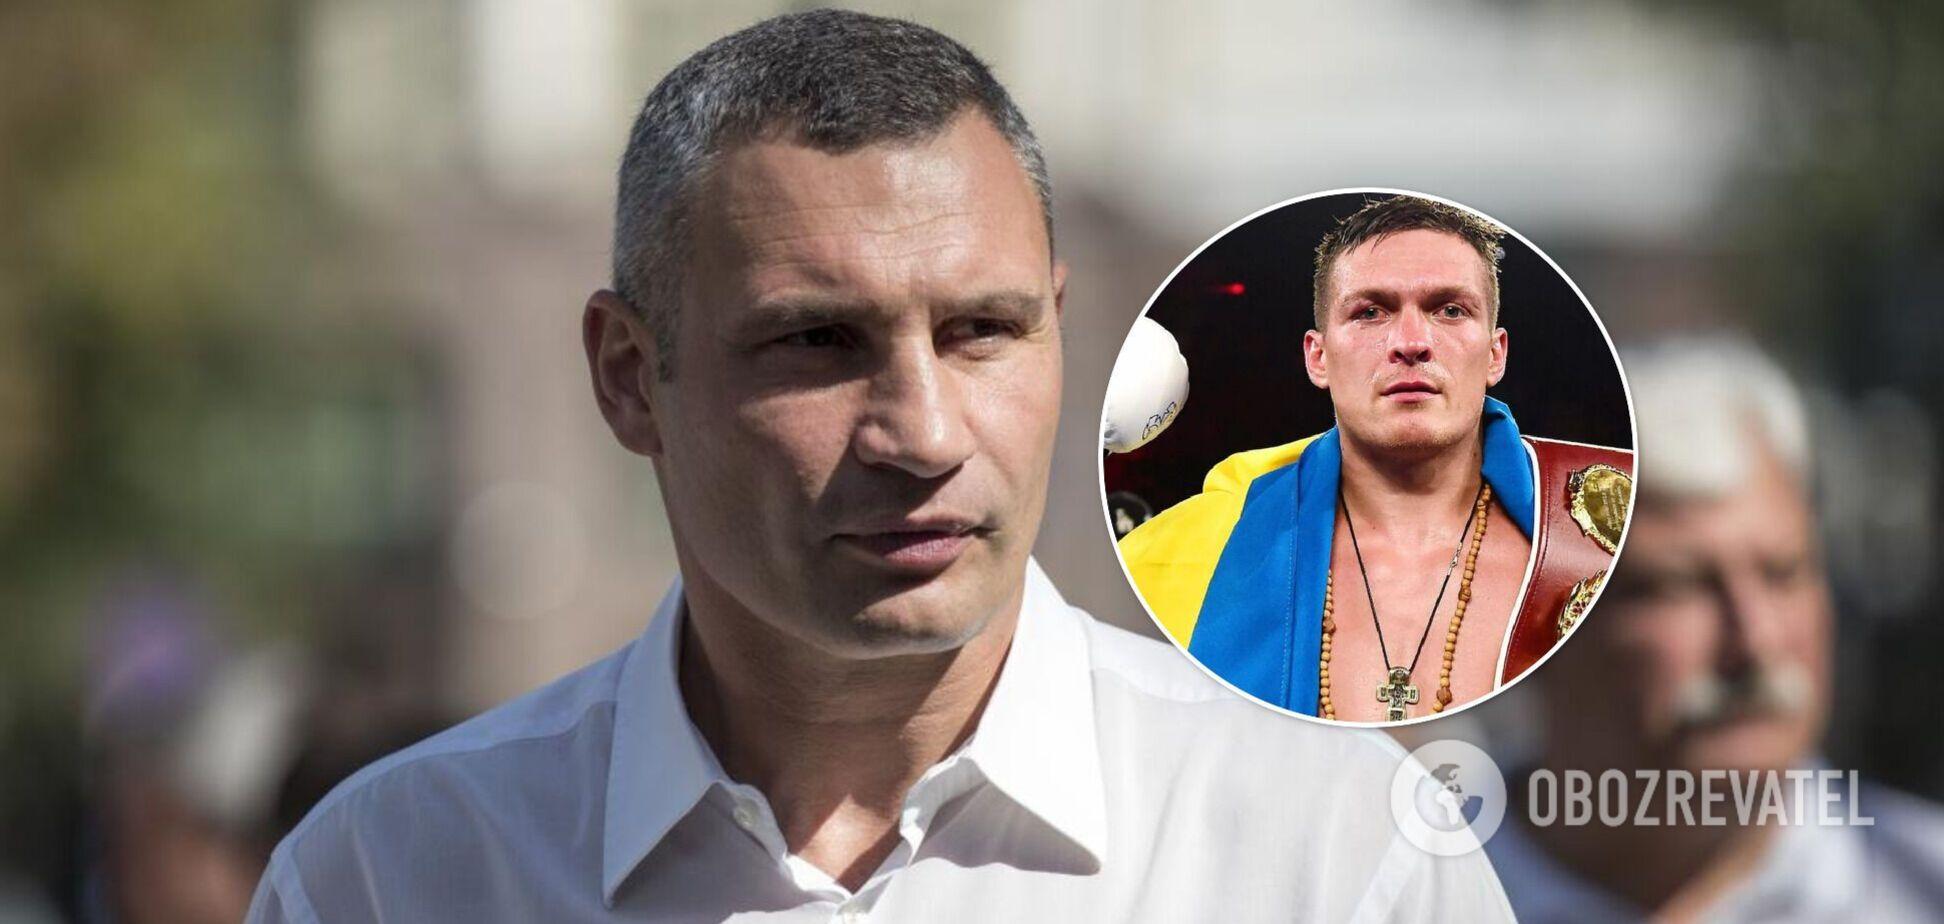 Кличко будет поддерживать Усика в Лондоне во время поединка с Джошуа